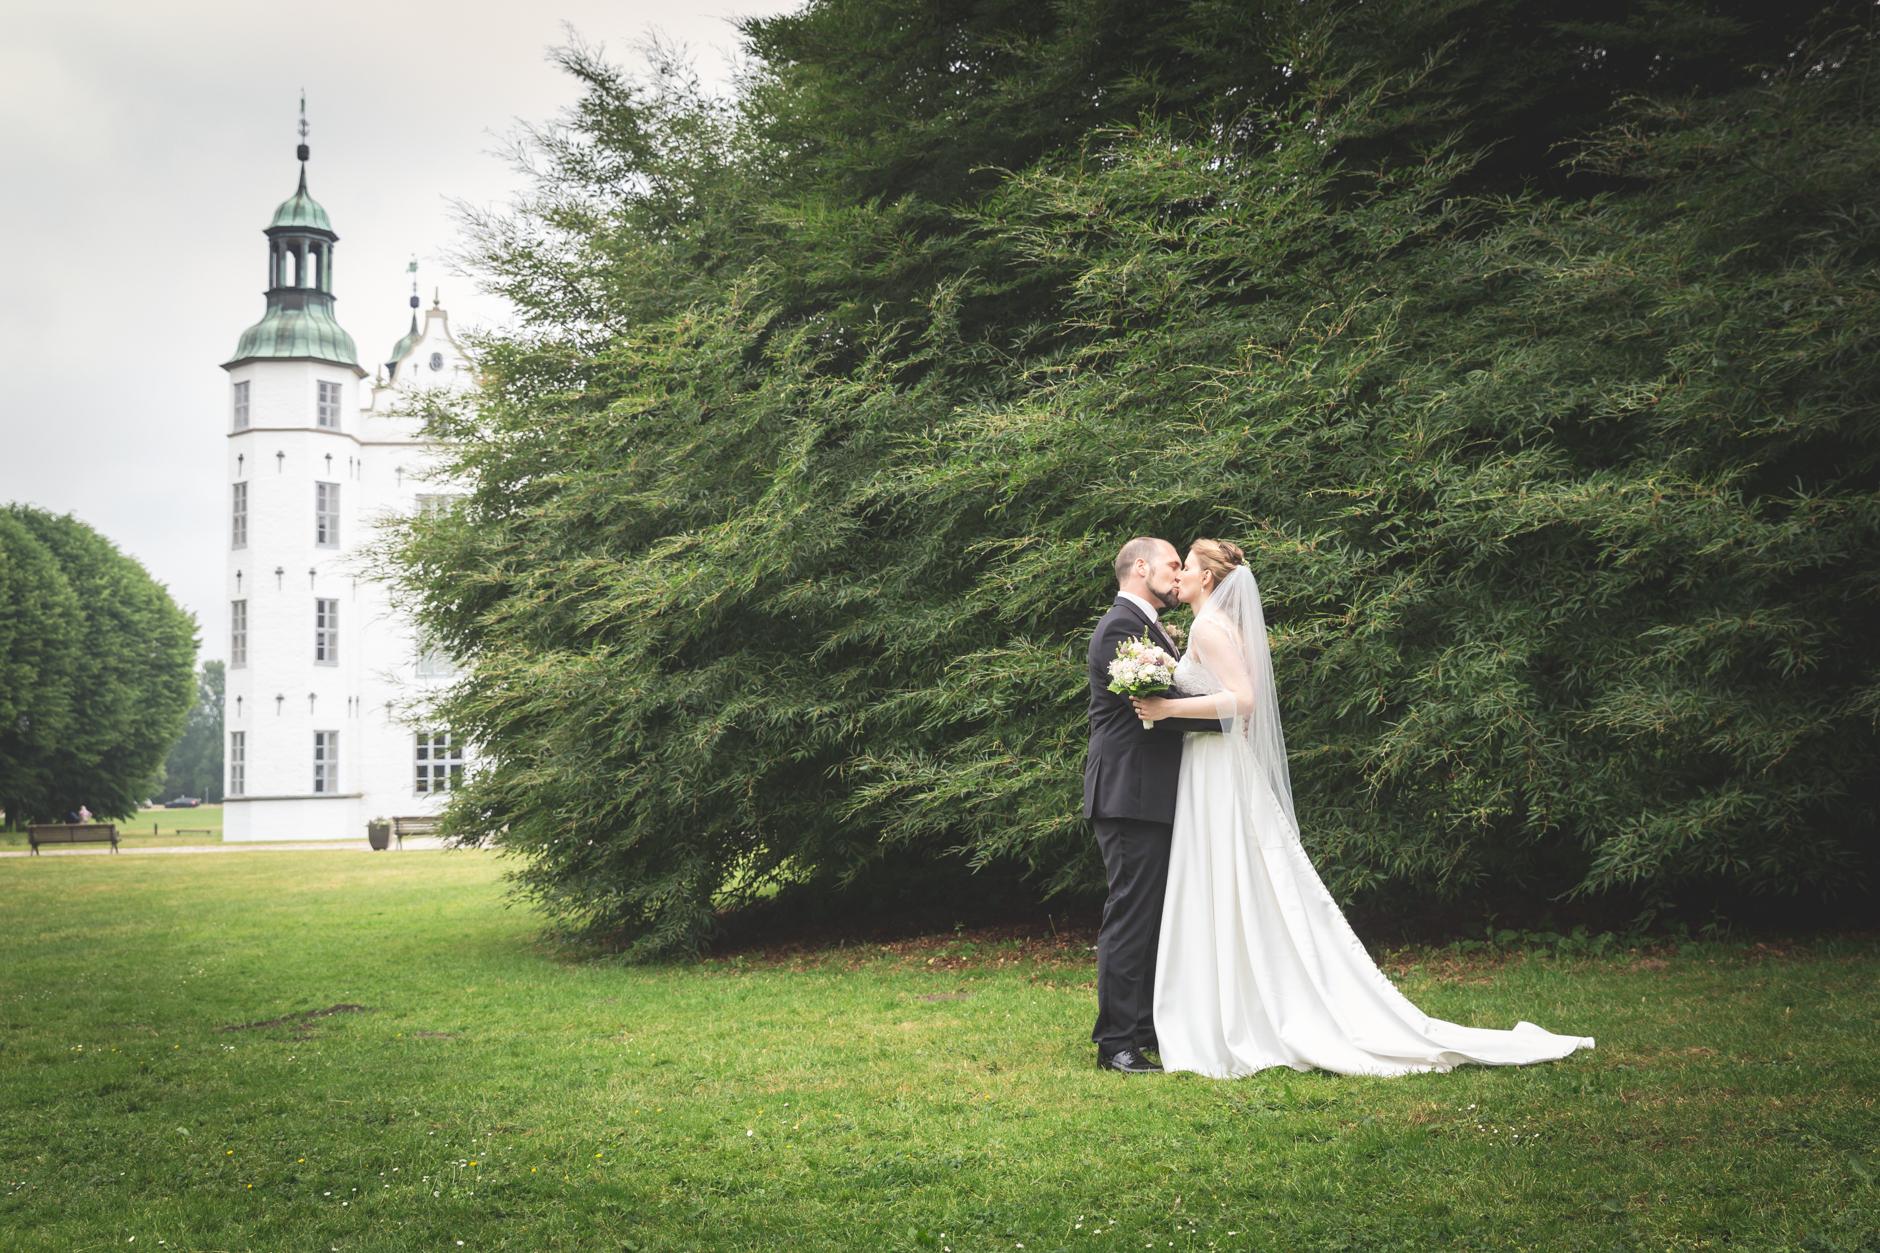 Hochzeitsreportage rund um das Ahrensburger Schloß